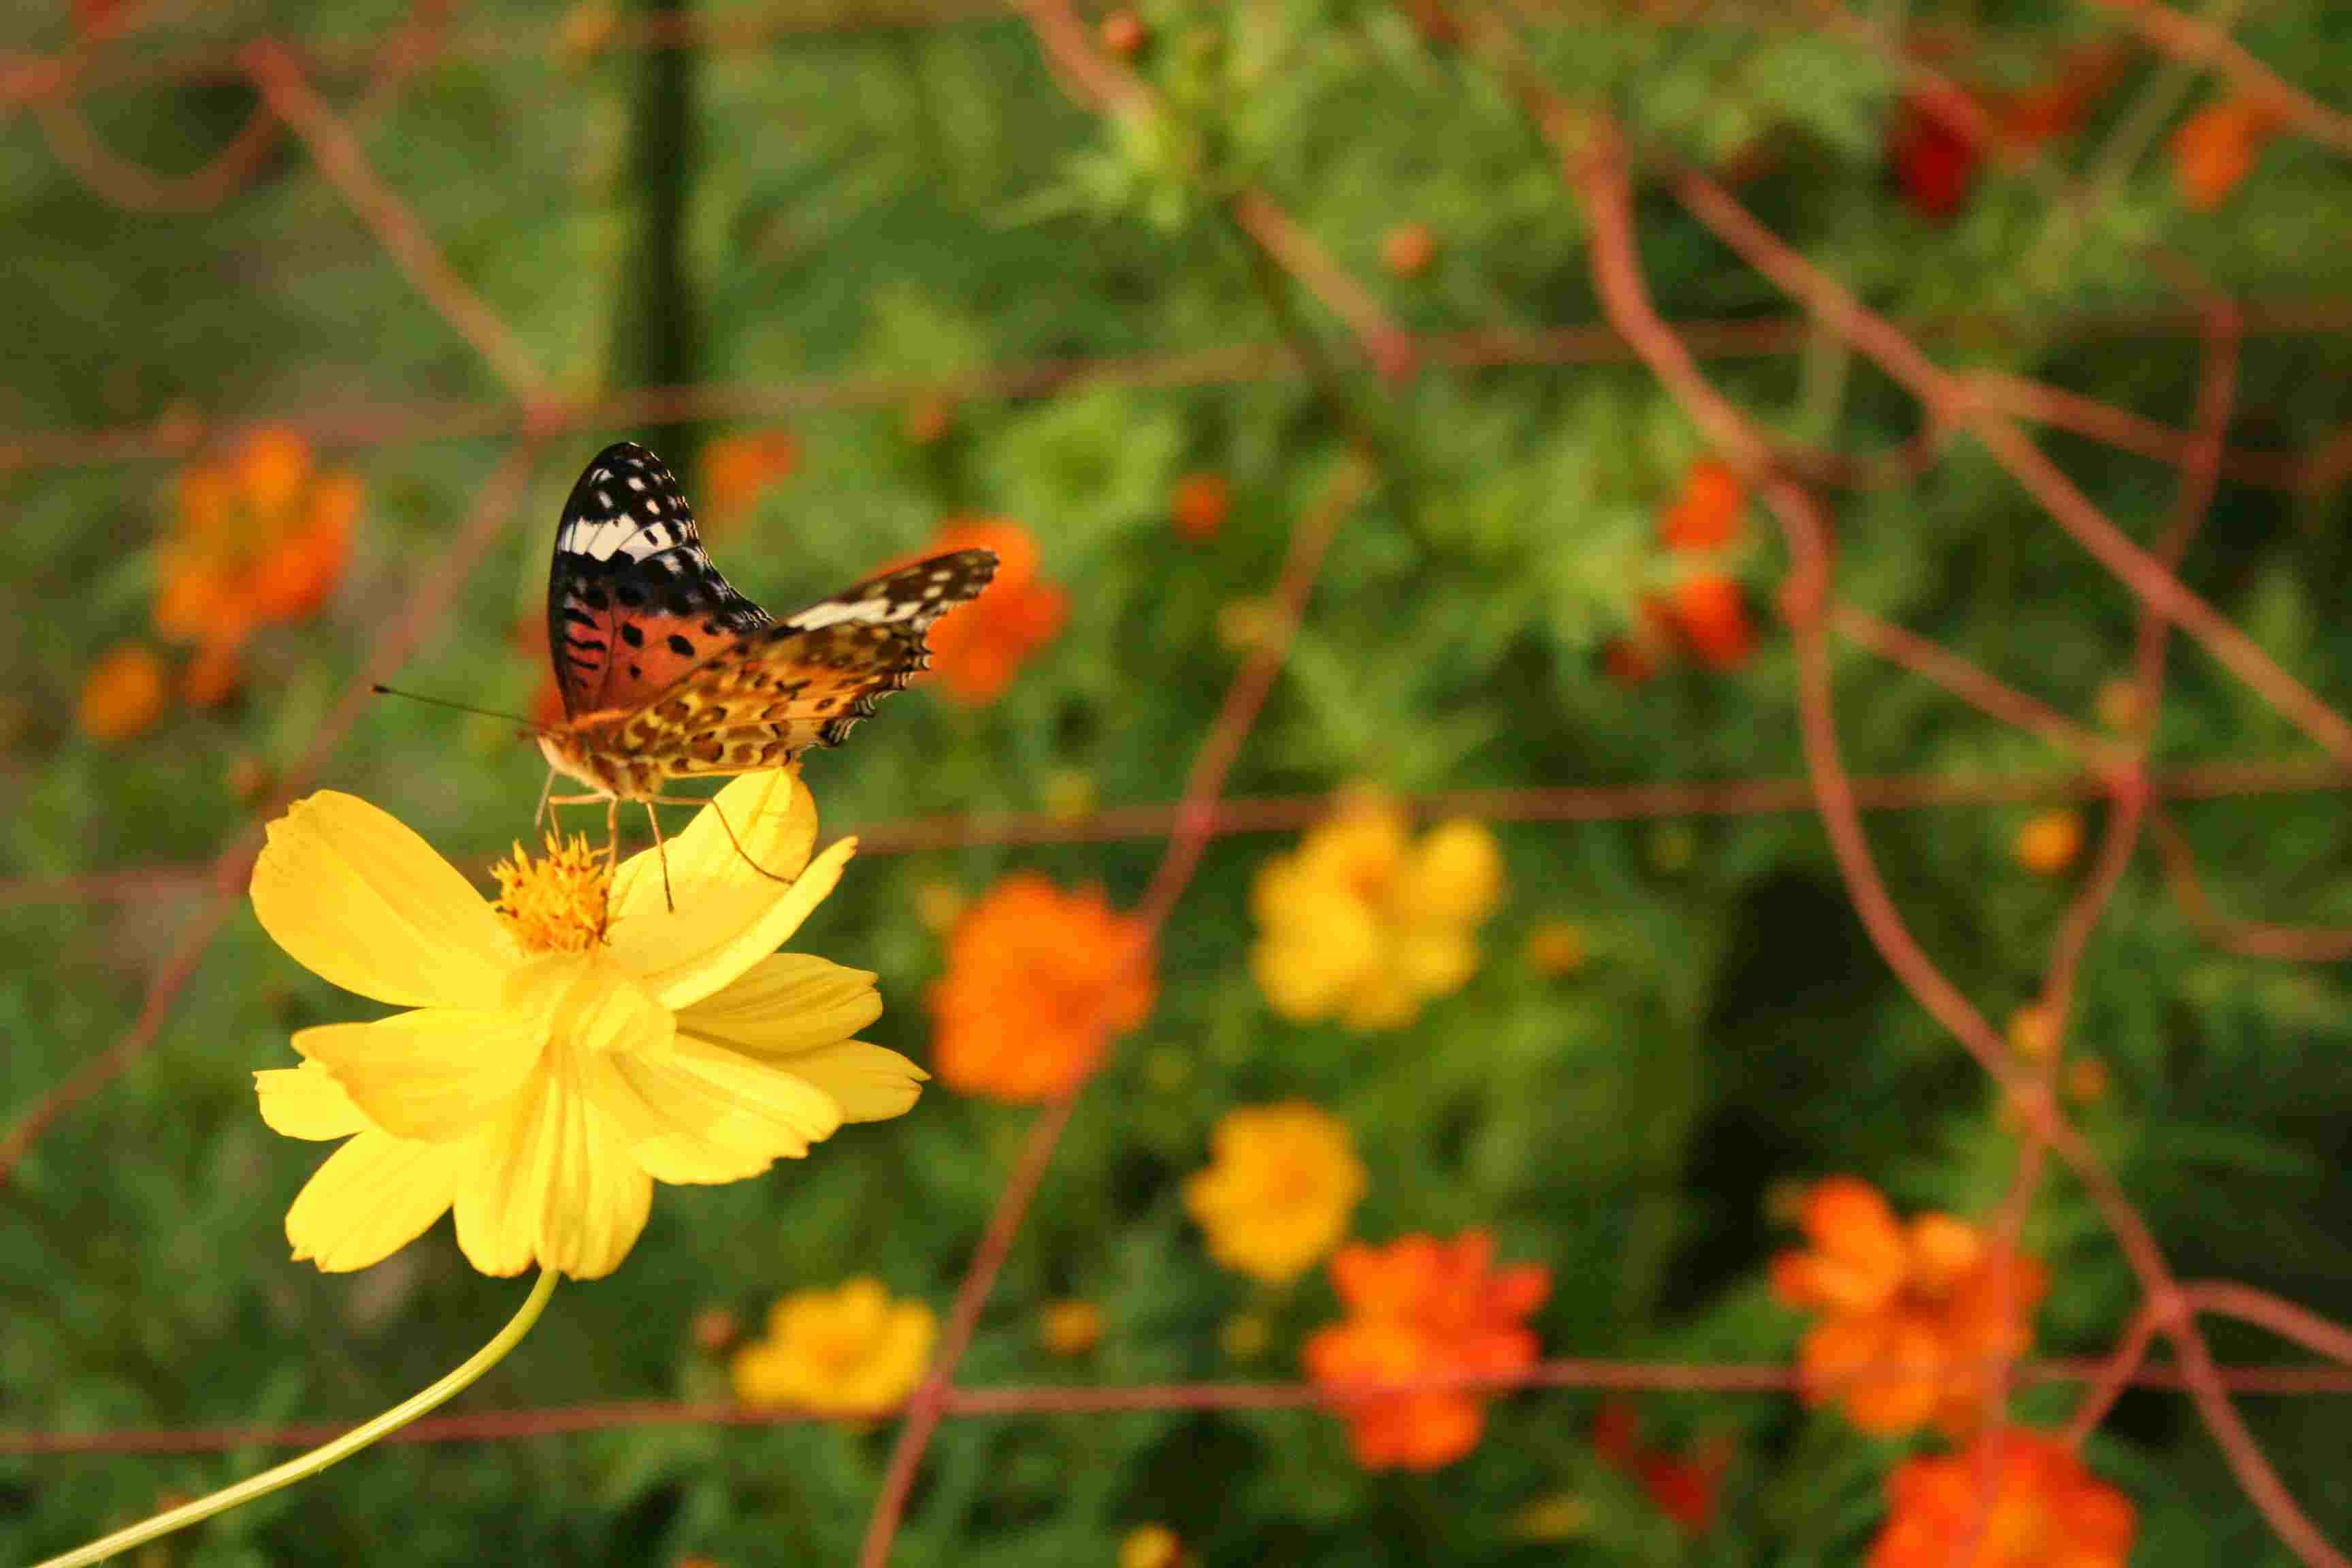 京都府立植物園 秋の花 きのこ展_c0100195_10223410.jpg